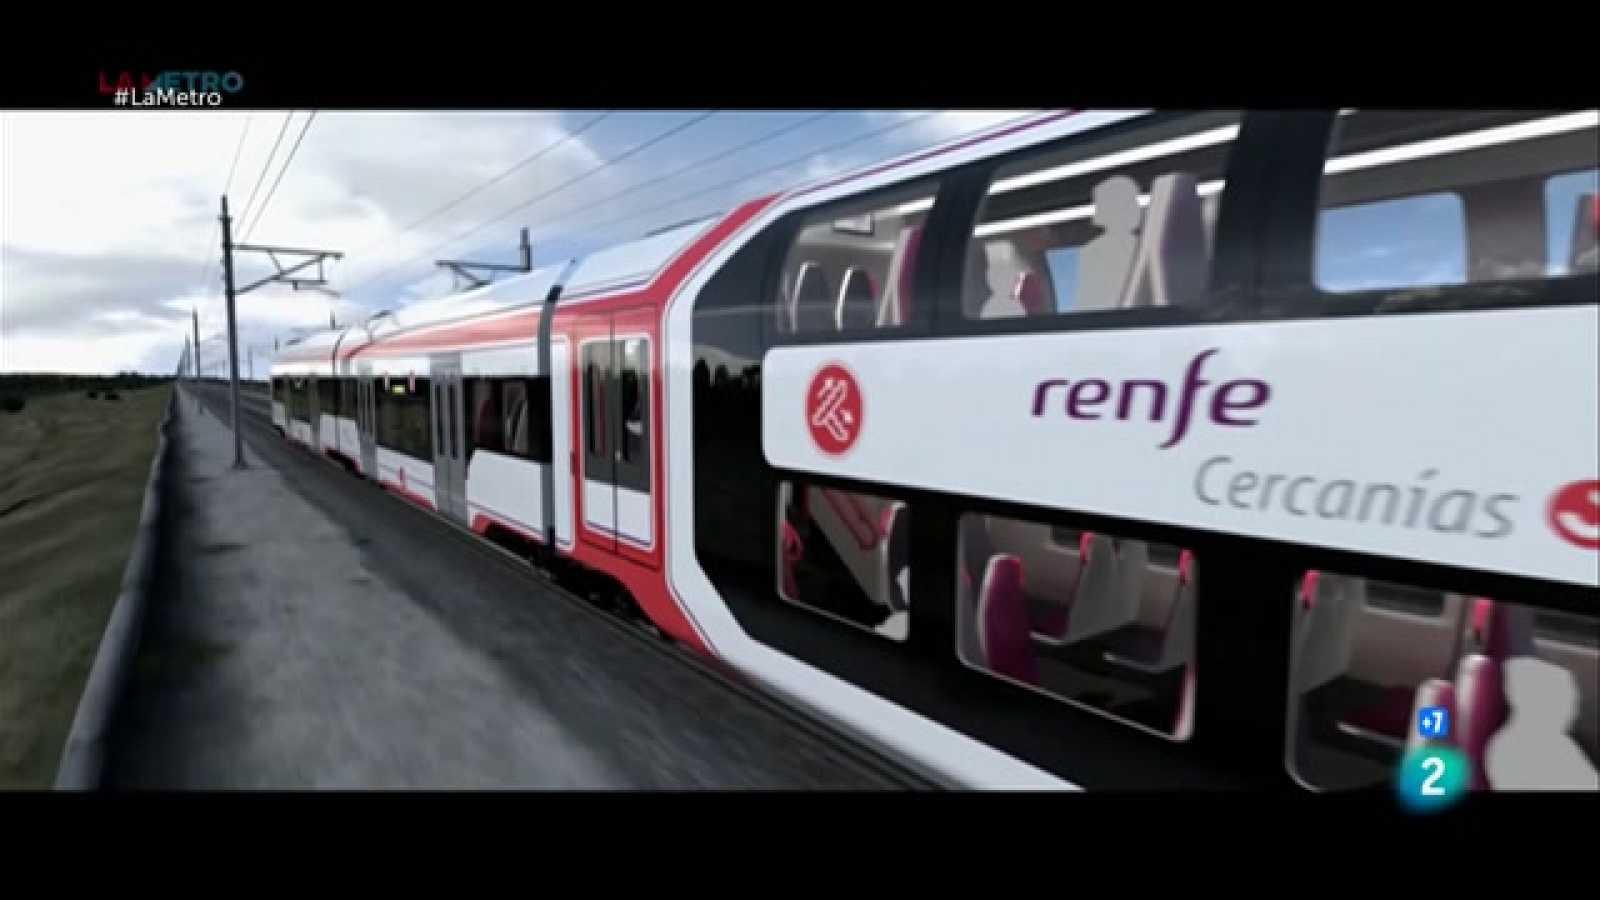 Expliquem l'impacte de l'encàrrec de trens de RENFE a Alstom, coneixem la investigació de l'IRTA sobre els fertilitzants i la celiaquia i parlem amb el jove pianista invident Guillem León